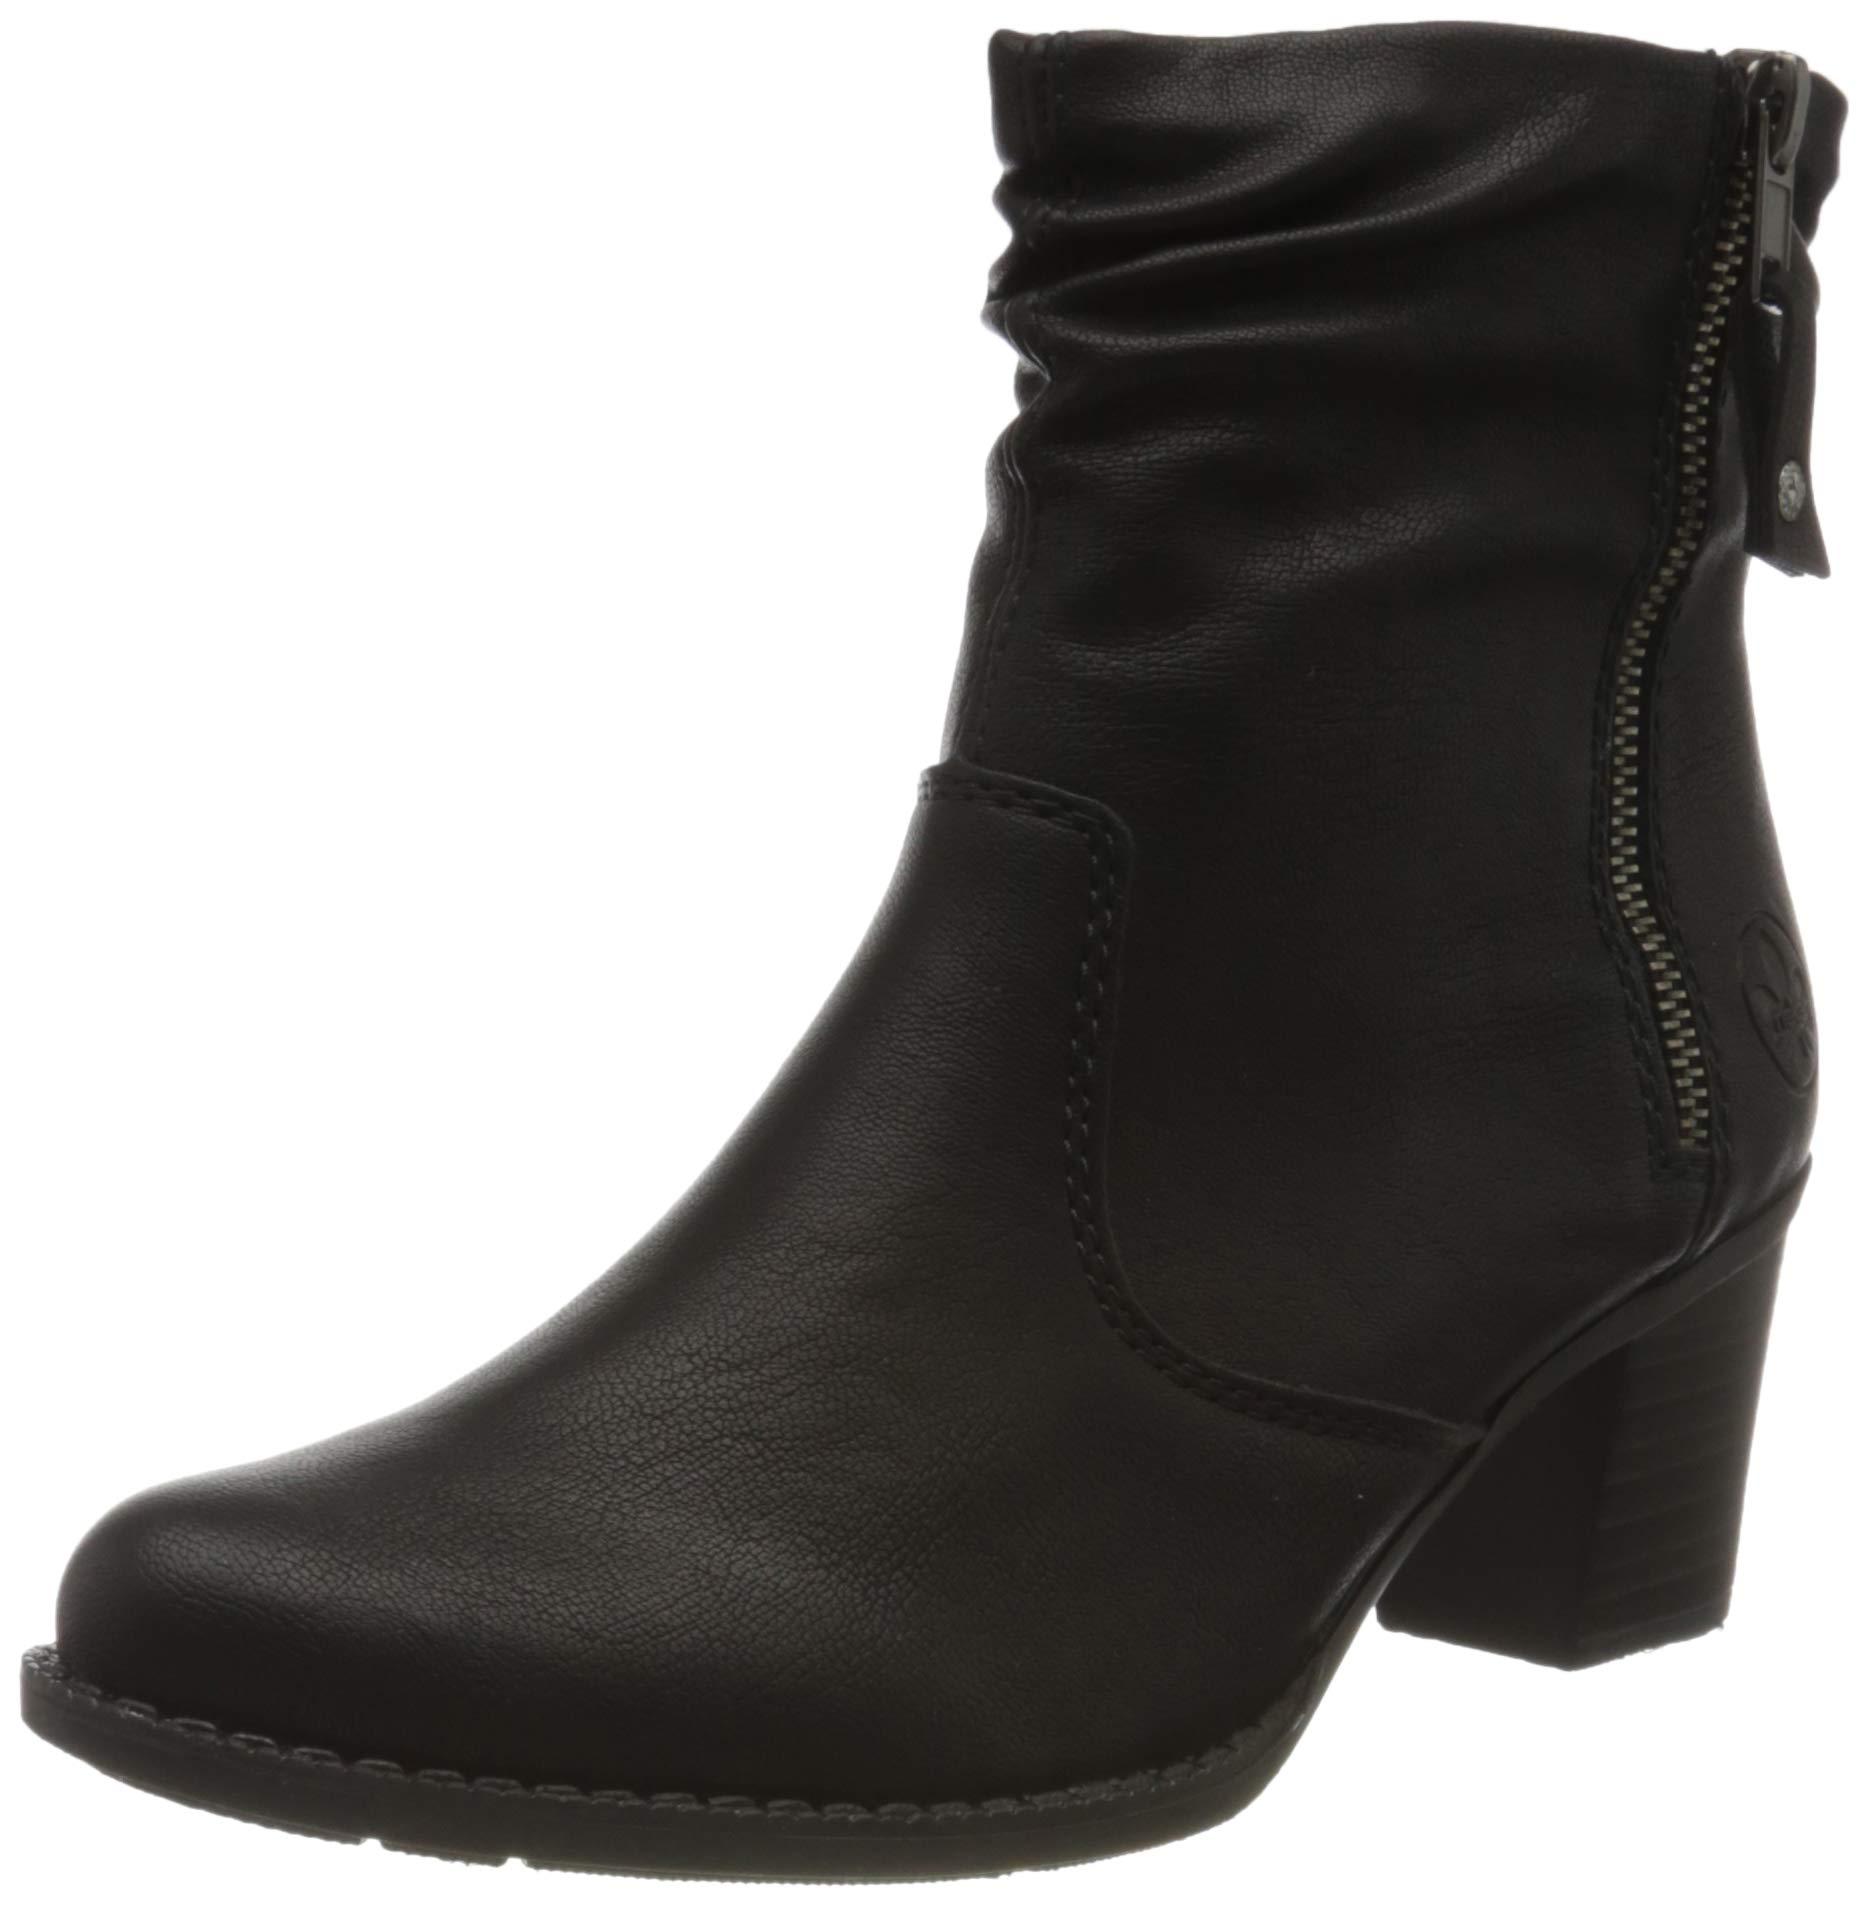 Rieker Women's Herbst/Winter Ankle Boots 22